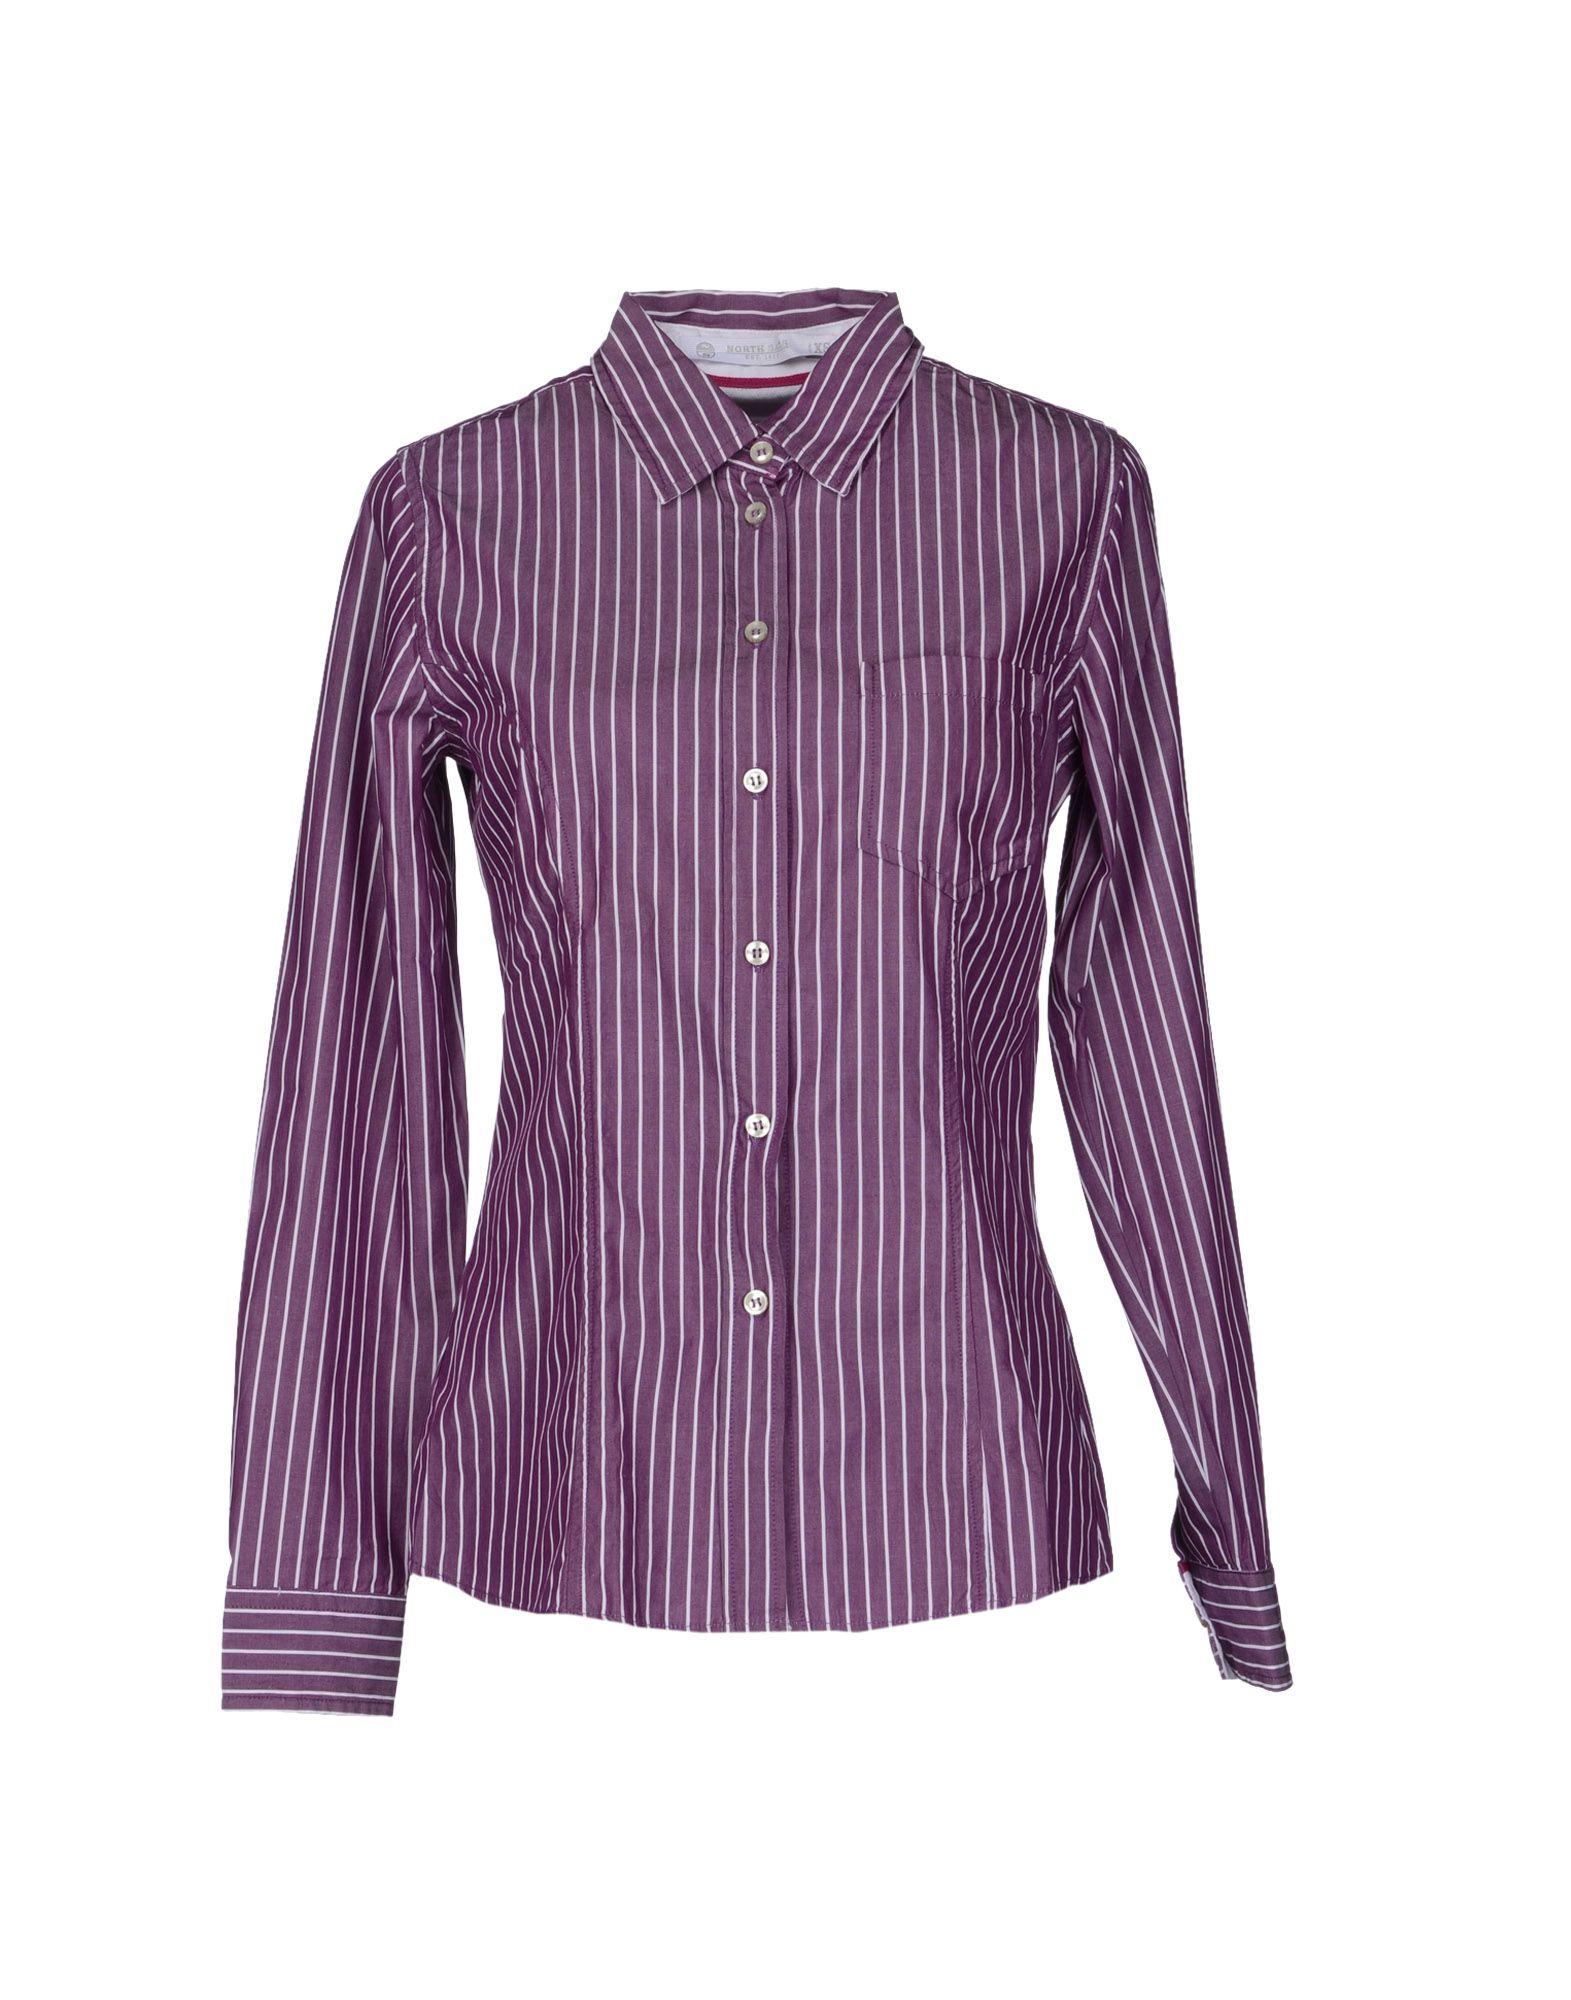 Фото - NORTH SAILS Рубашка с длинными рукавами рубашка однотонная с длинными рукавами